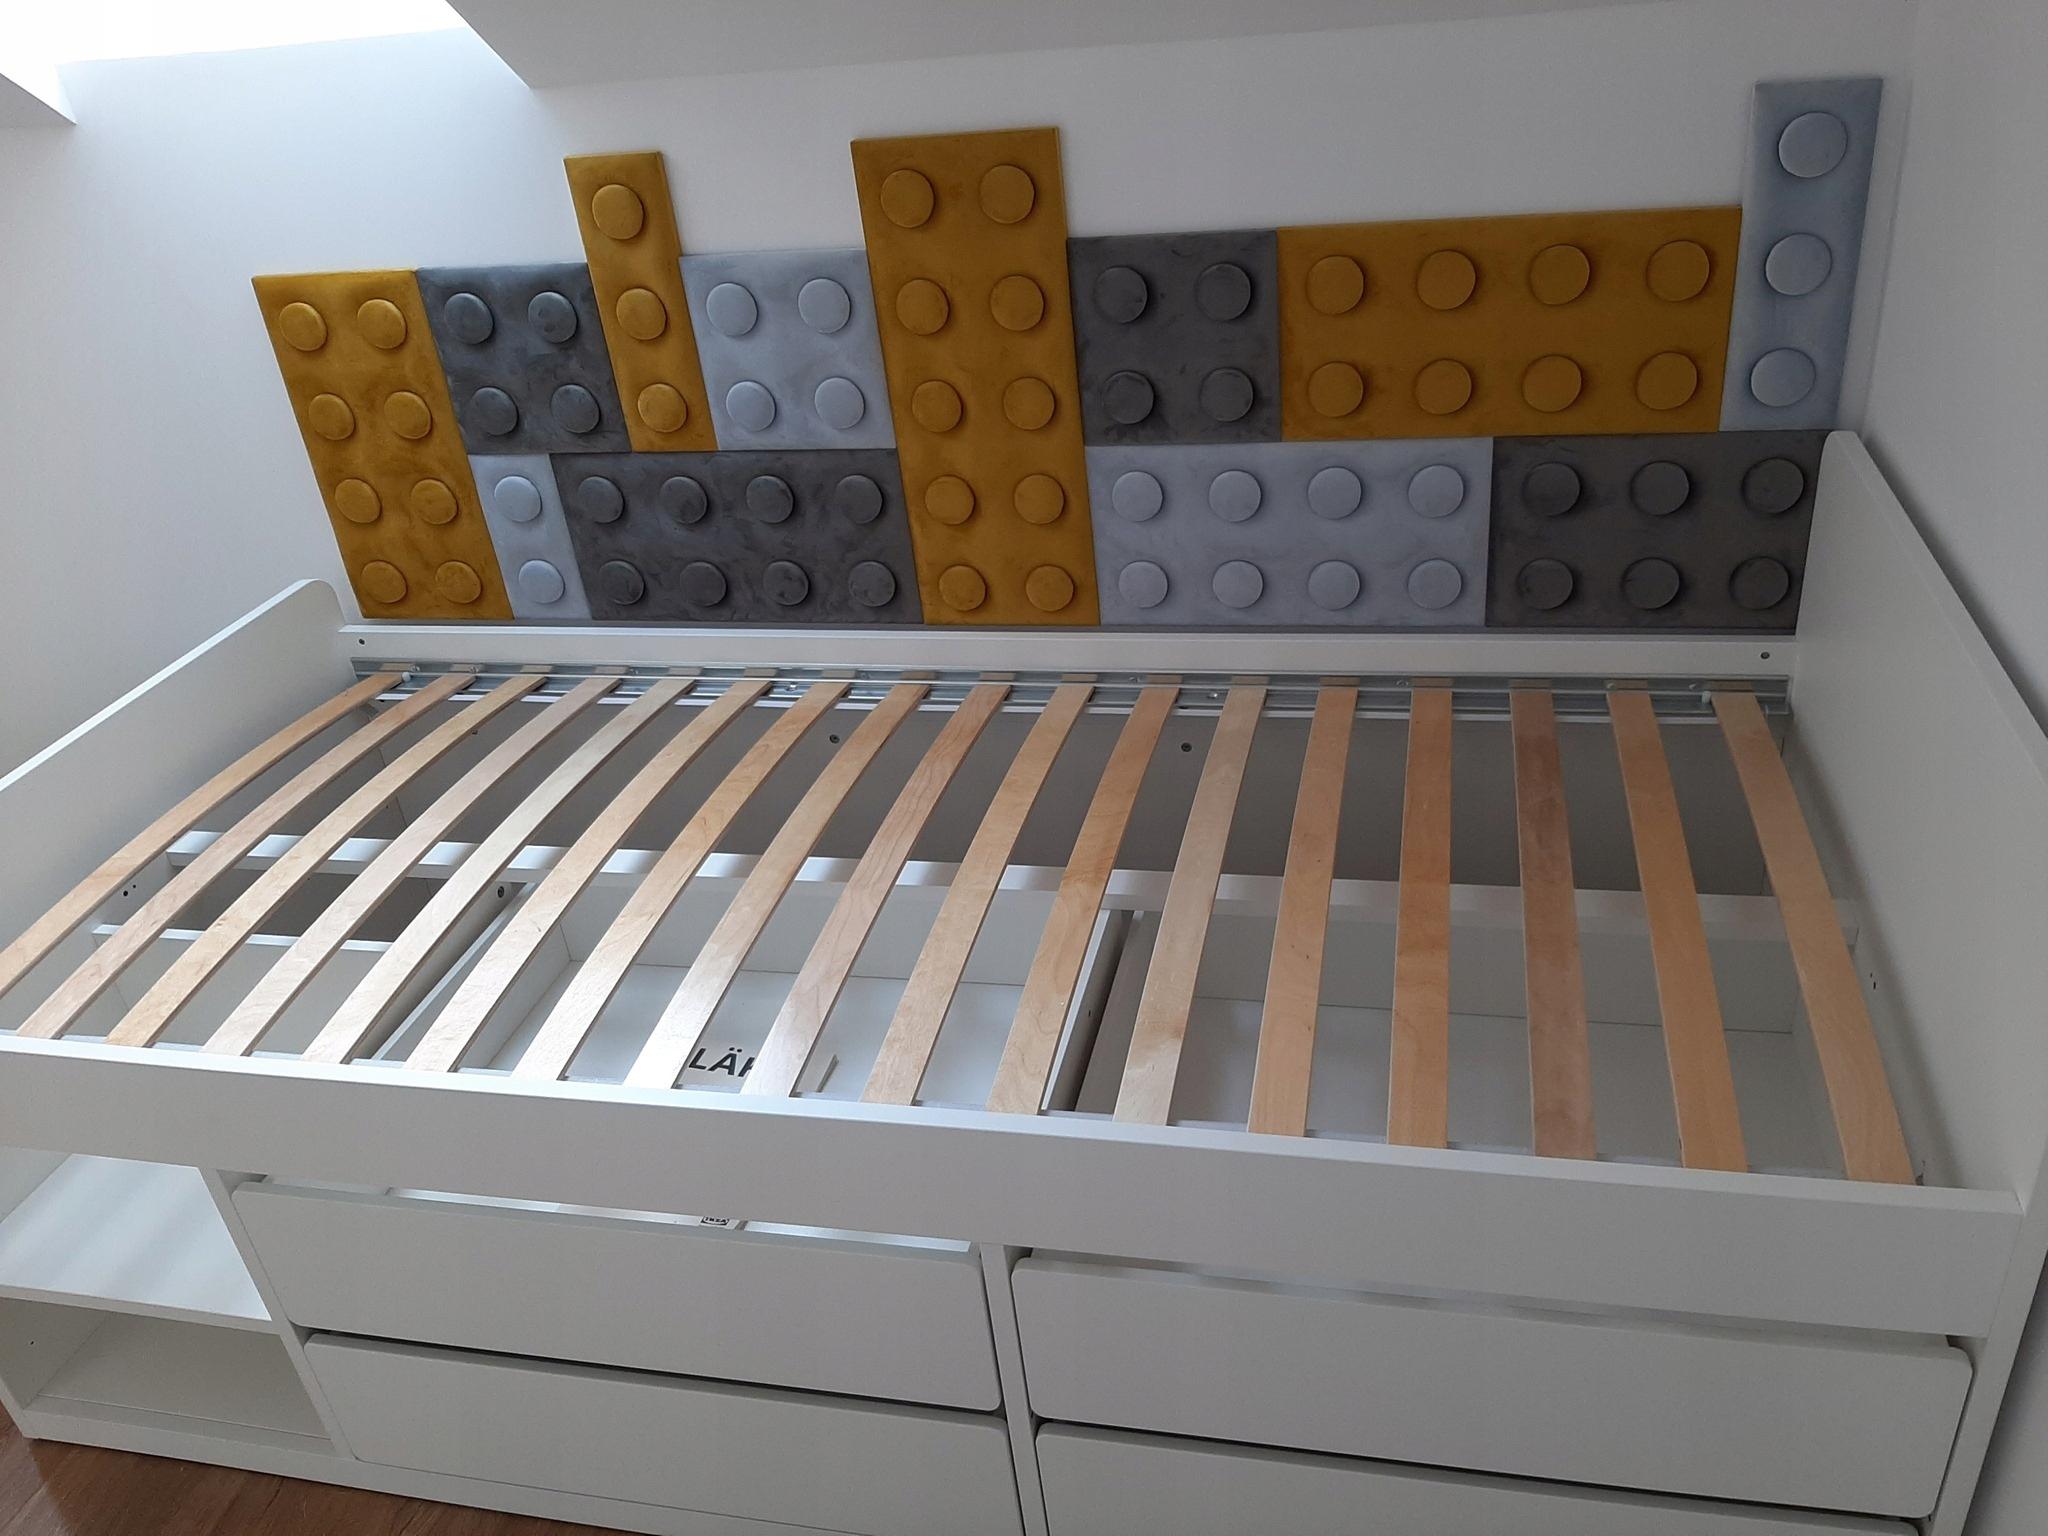 Готовый макет мягких панелей LEGO 200 см x75